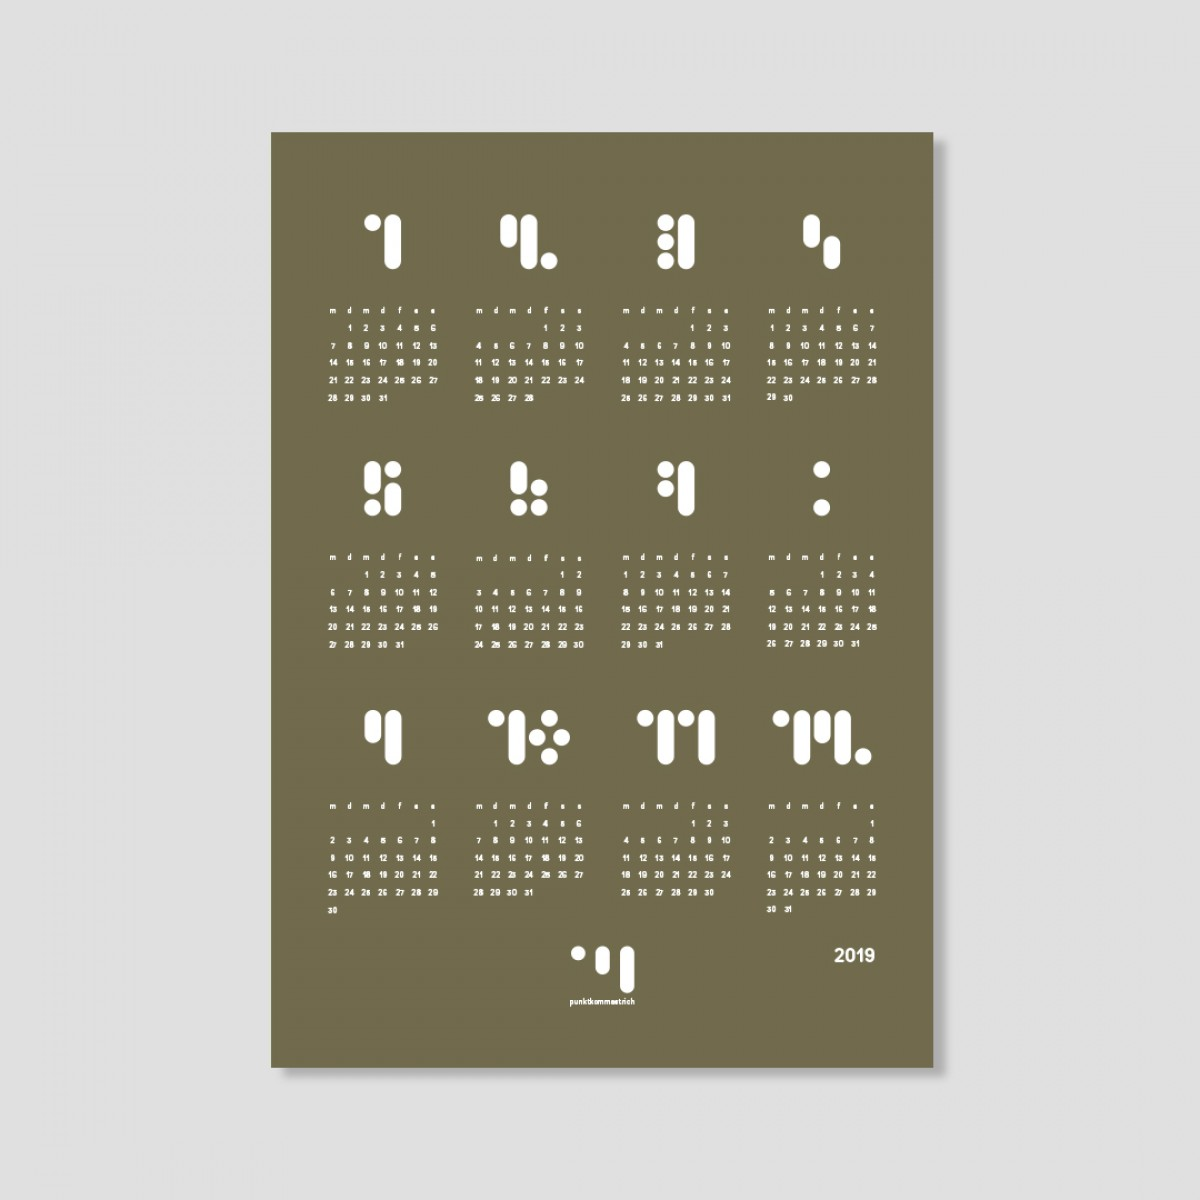 kalender 2019 martini olive Designwandkalender